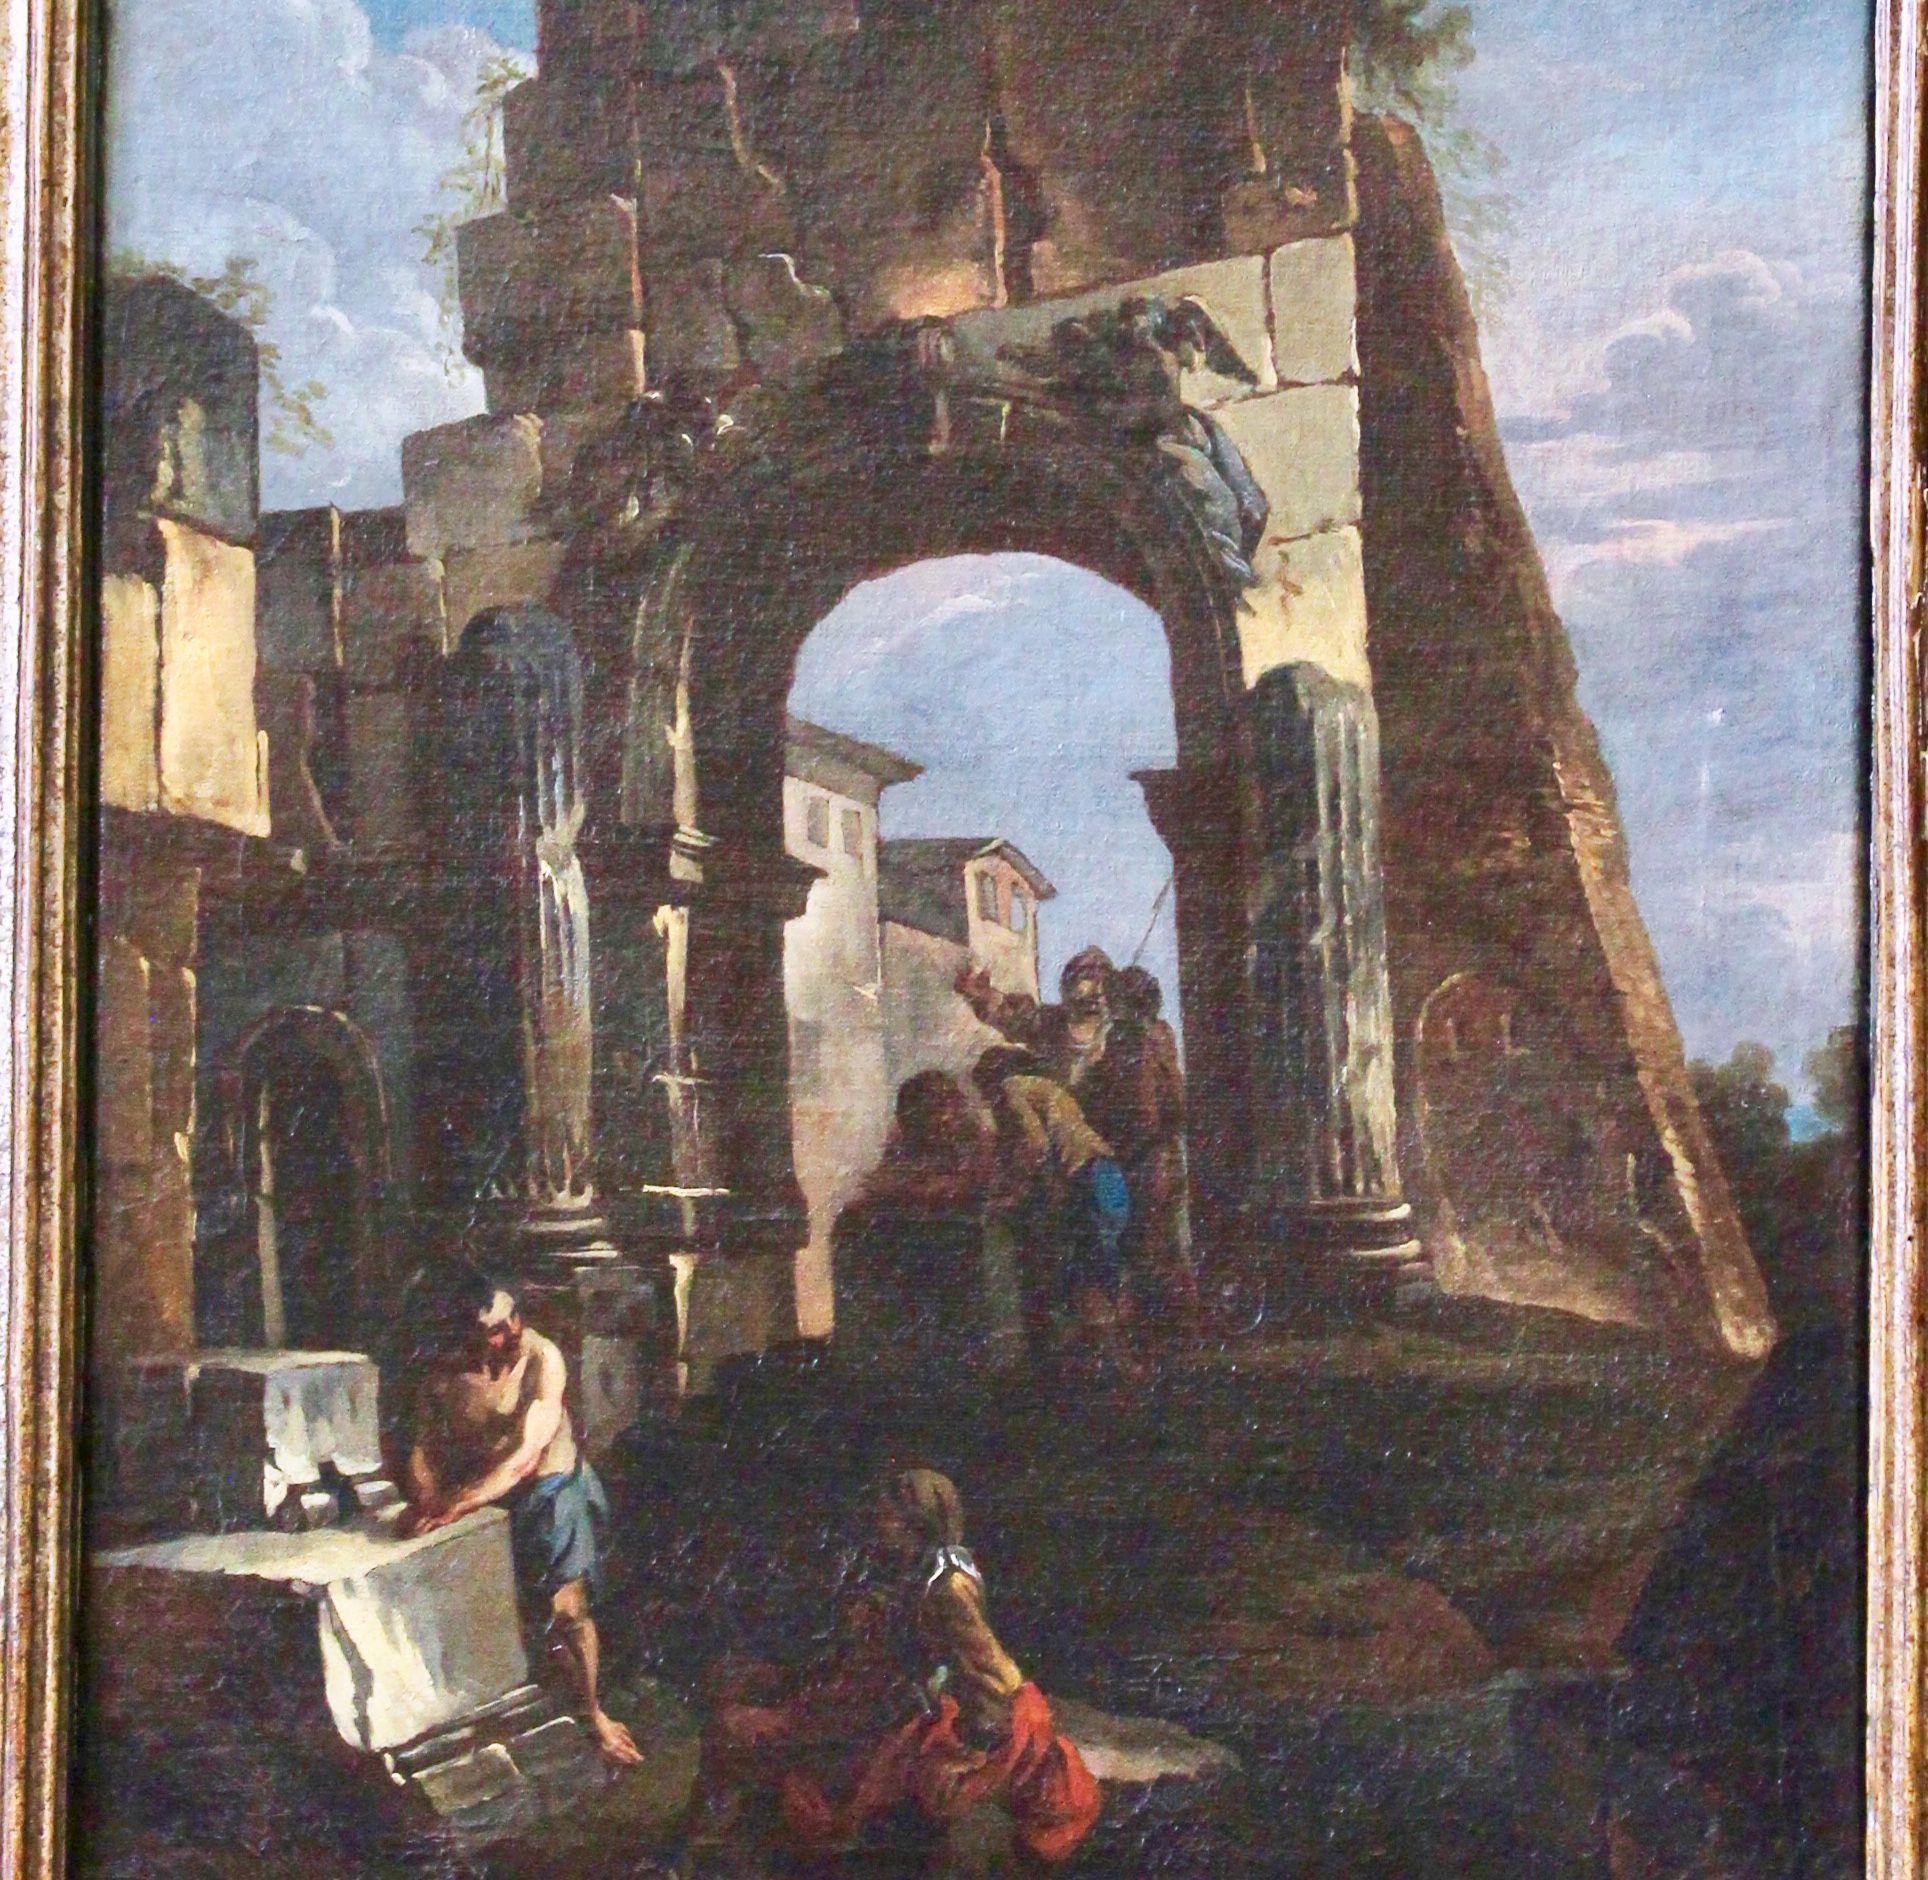 """Recuperato il """"Capriccio Architettonico con astanti"""", capolavoro del vedutismo italiano del '700. Grazie al lavoro del Comando Carabinieri TPC"""